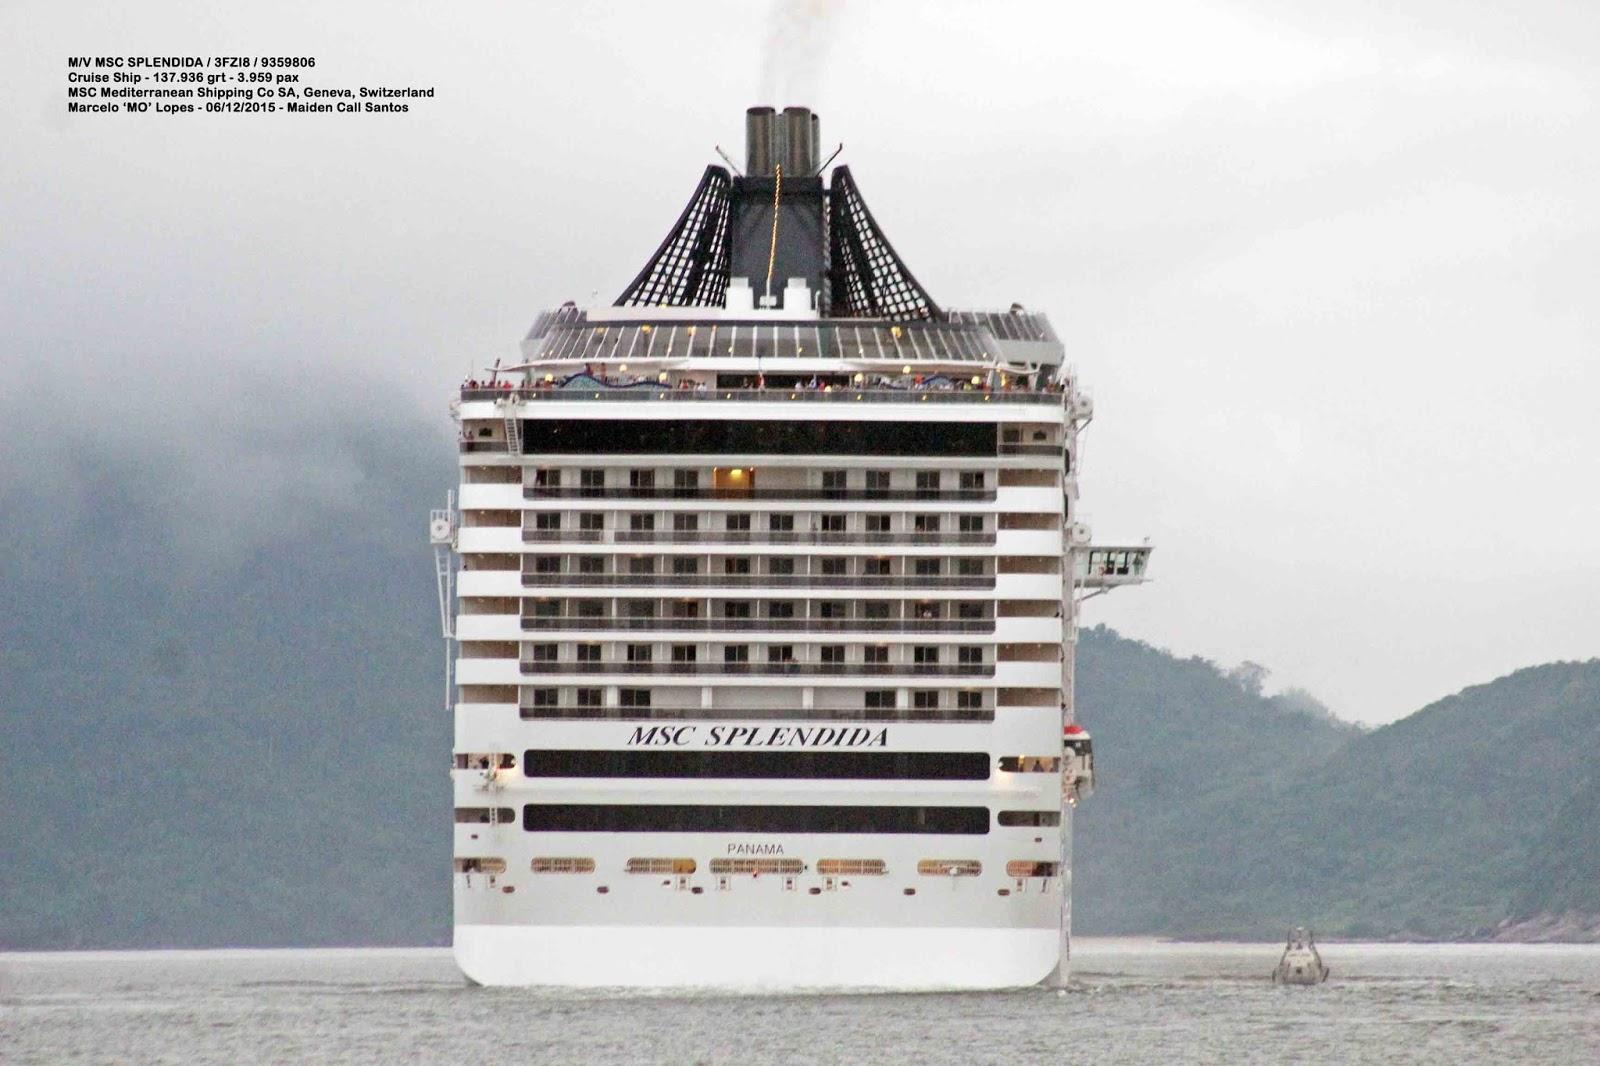 Santos Shiplovers: M/V MSC Splendida / 3FZI8 - Maiden Call ...